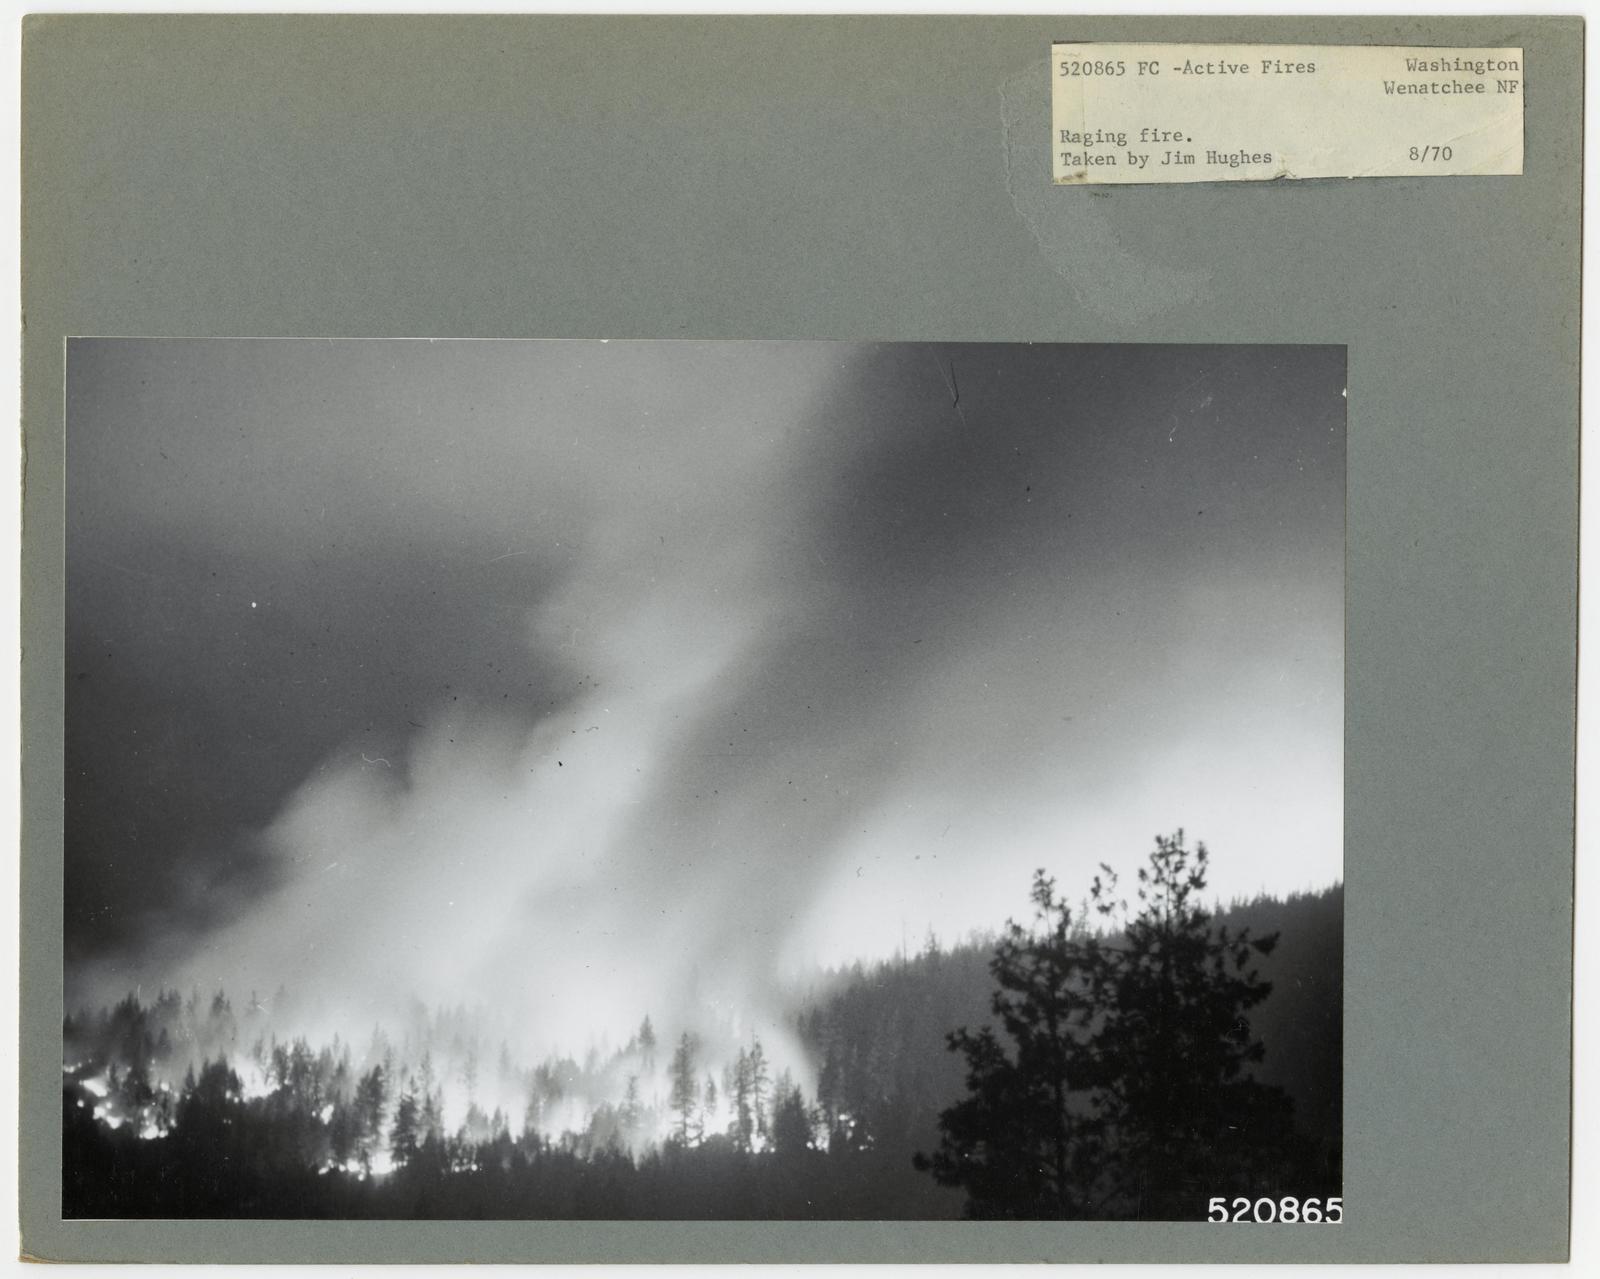 Active Fires - Washington